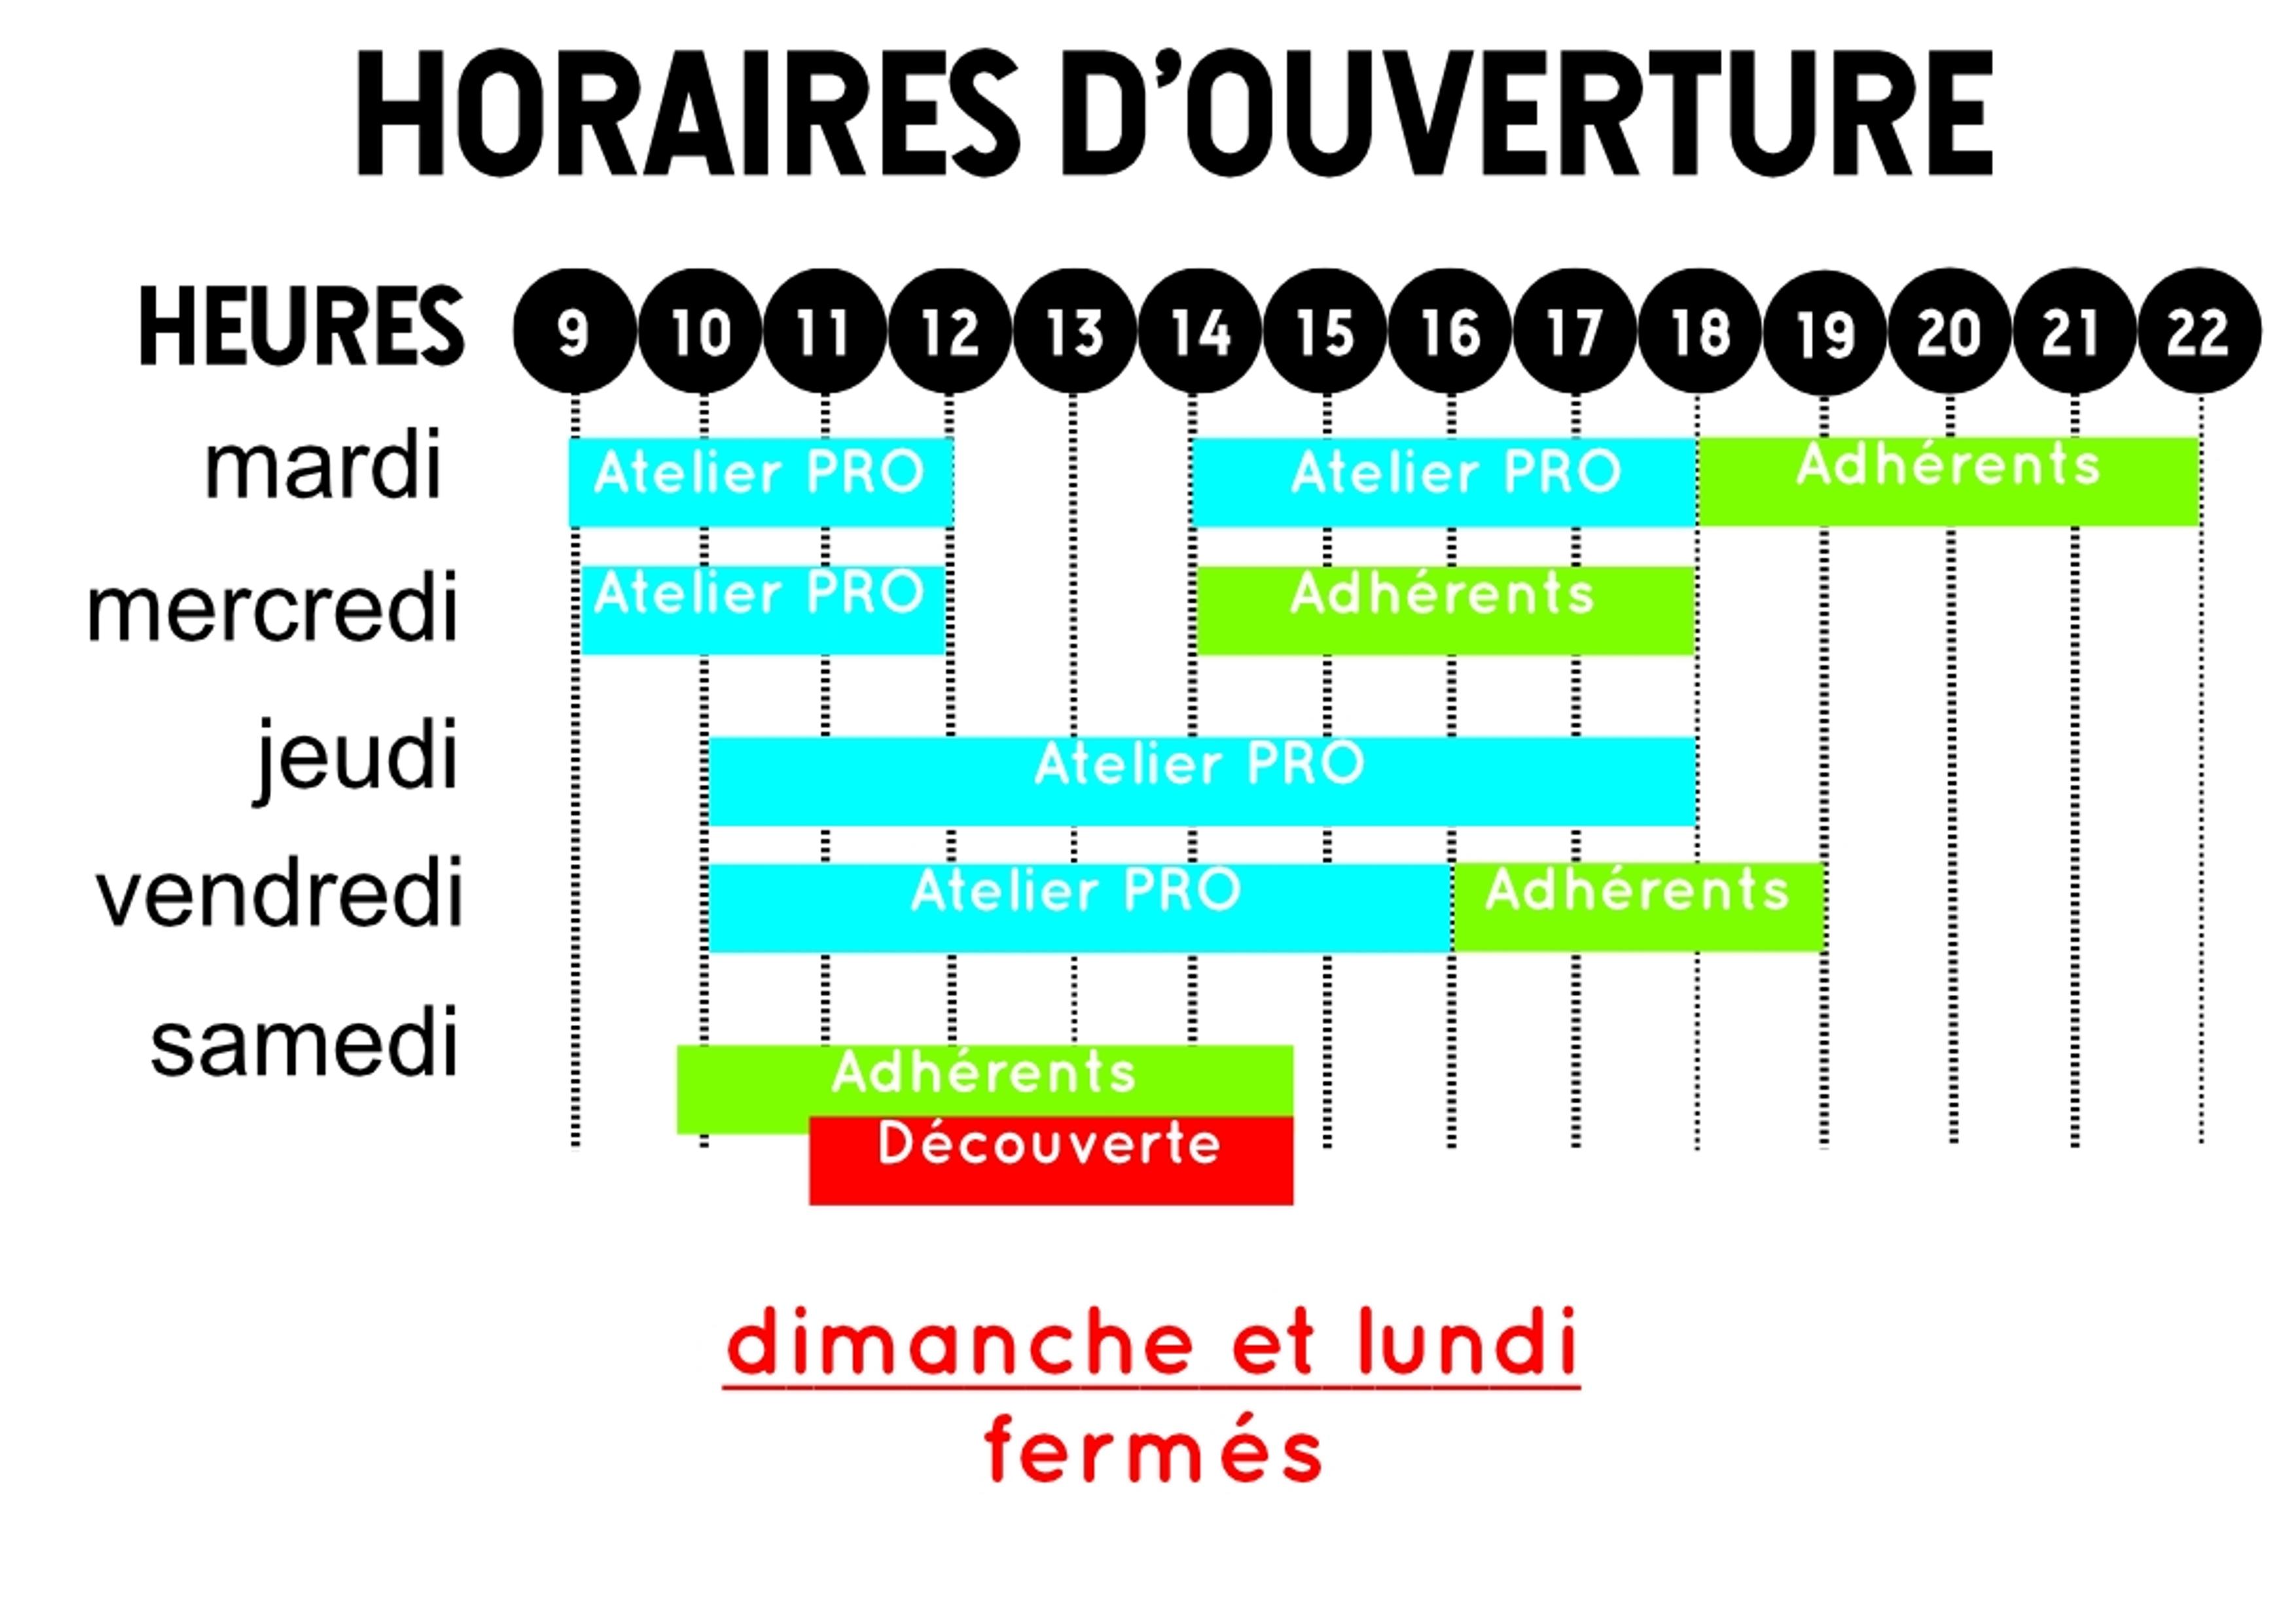 Horaires d'ouverture de la Fabrique du Loch > Abonnés / Adhérents